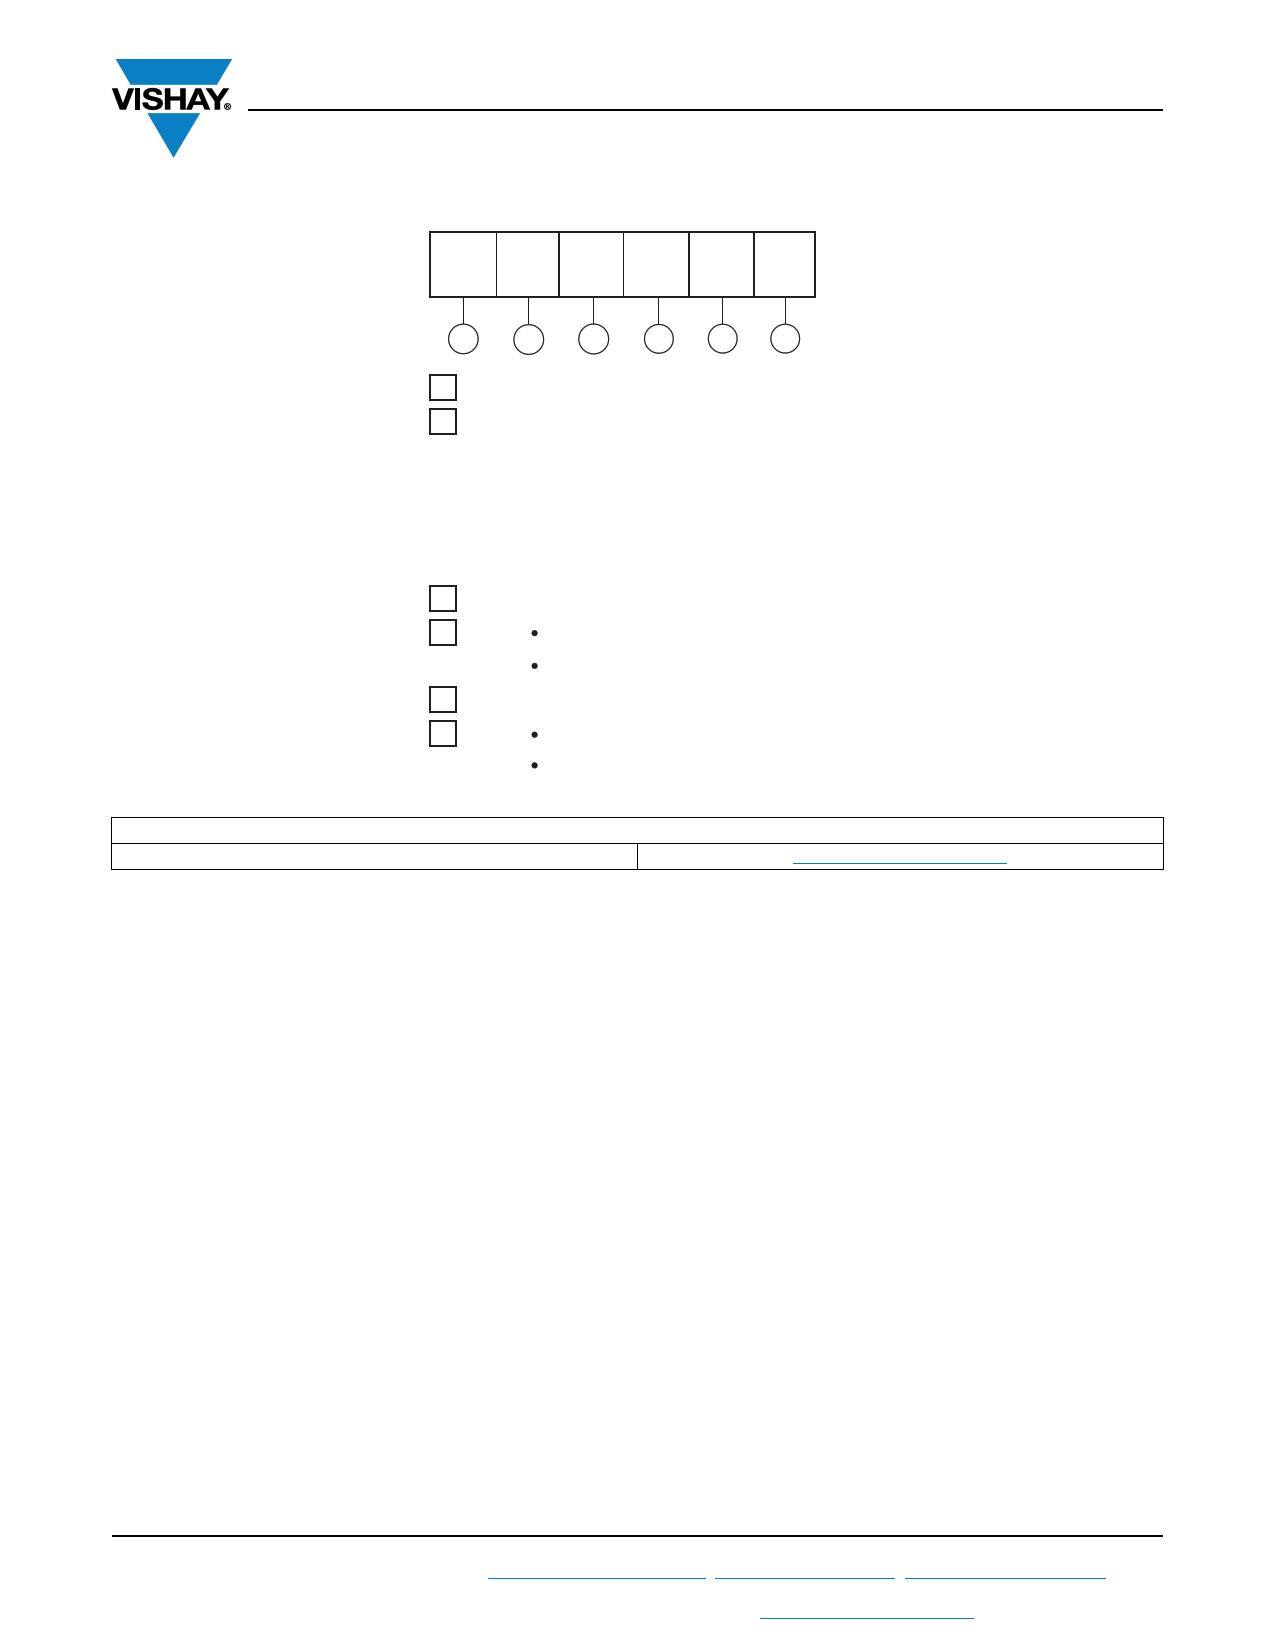 VS-72HFR100 電子部品, 半導体